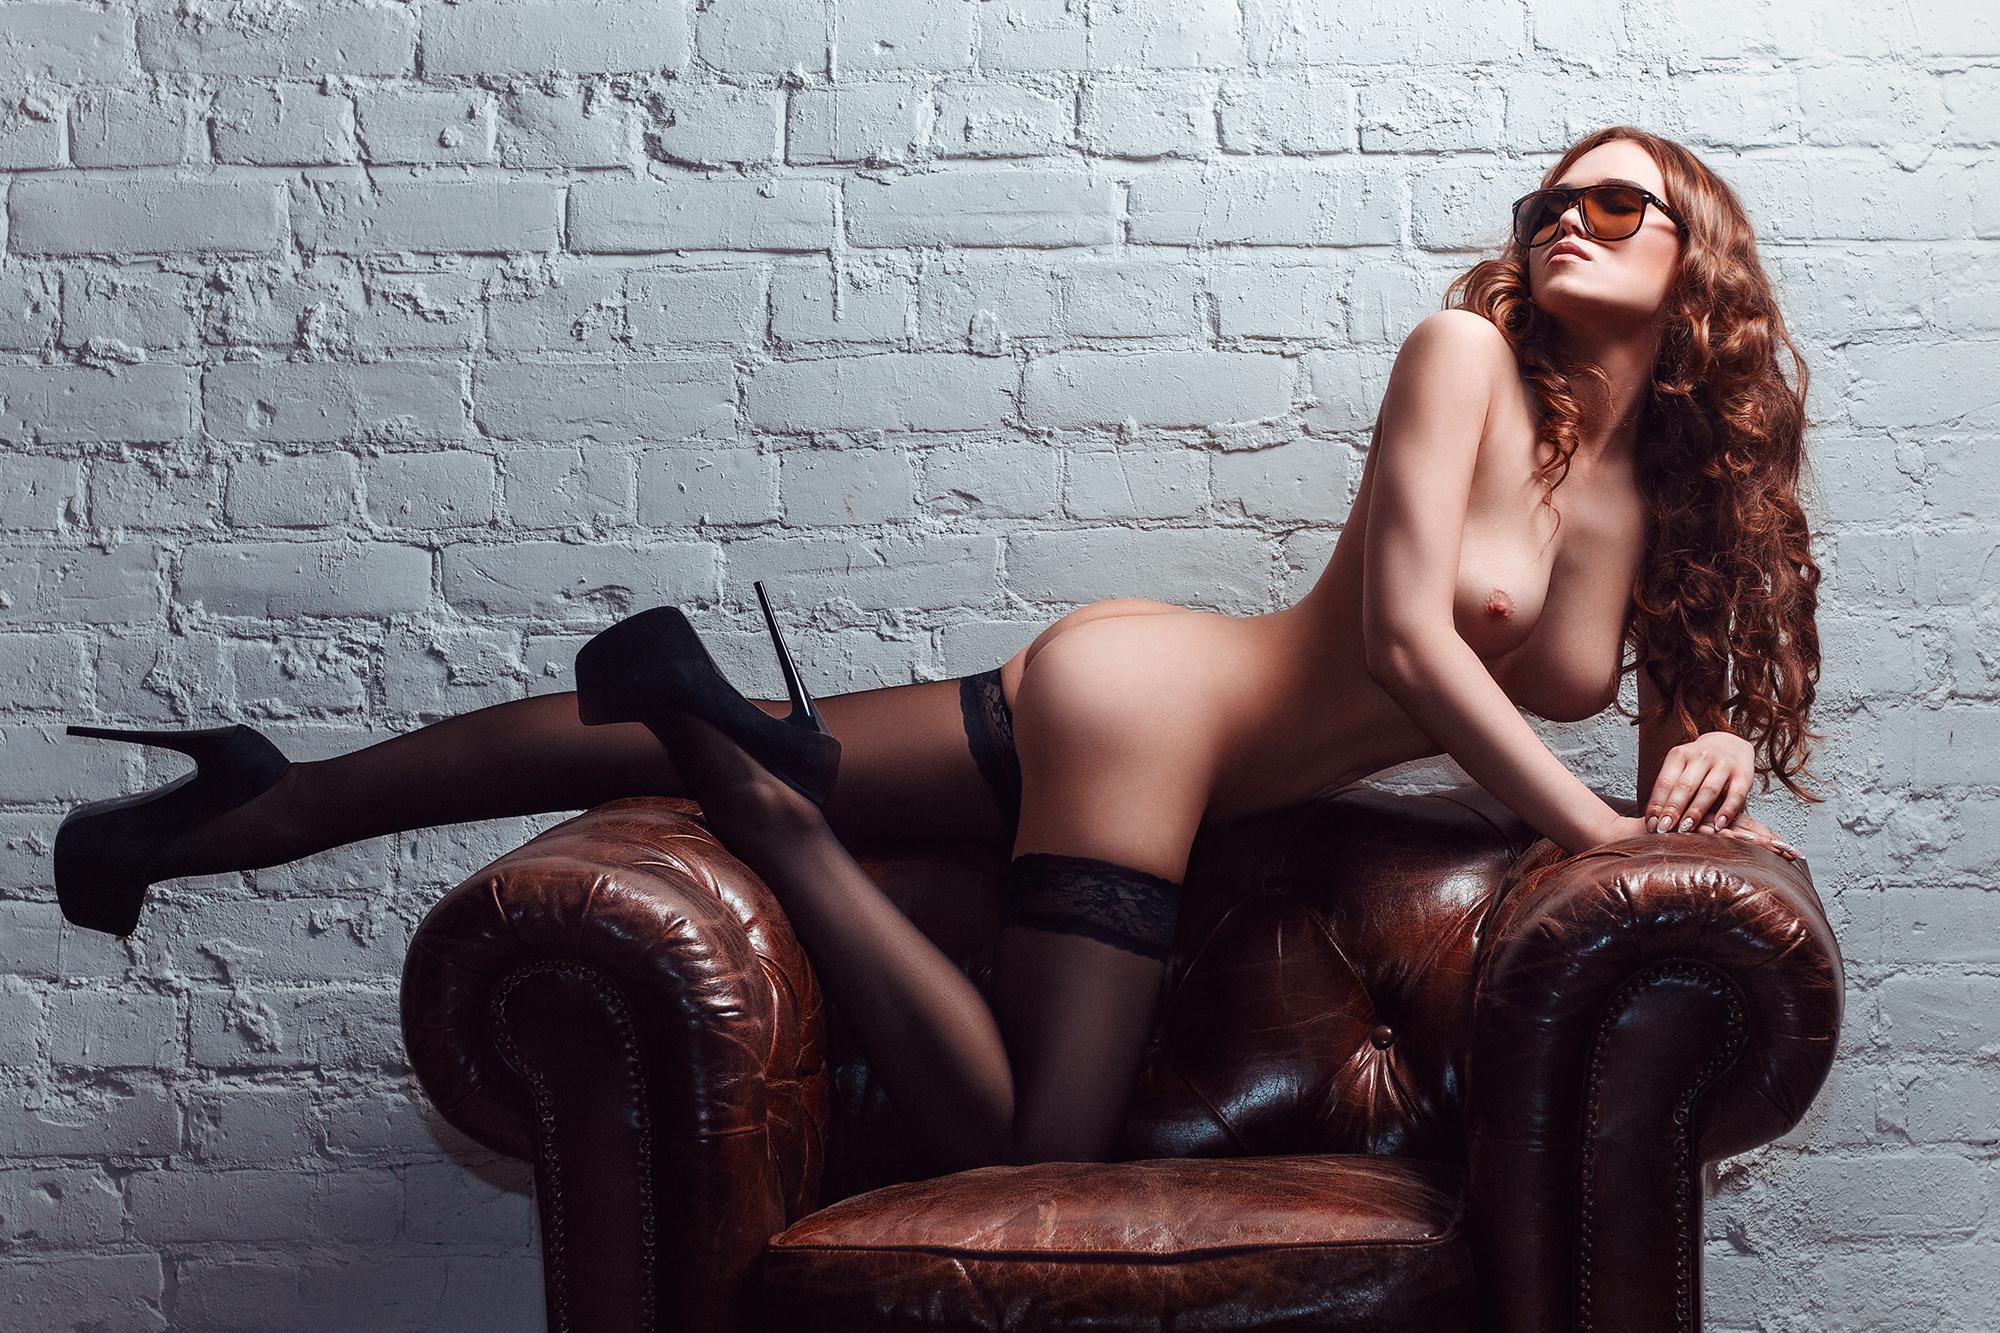 Эротика hd от студий, Лучшие порно студии! Видео от знаменитых мировых 17 фотография